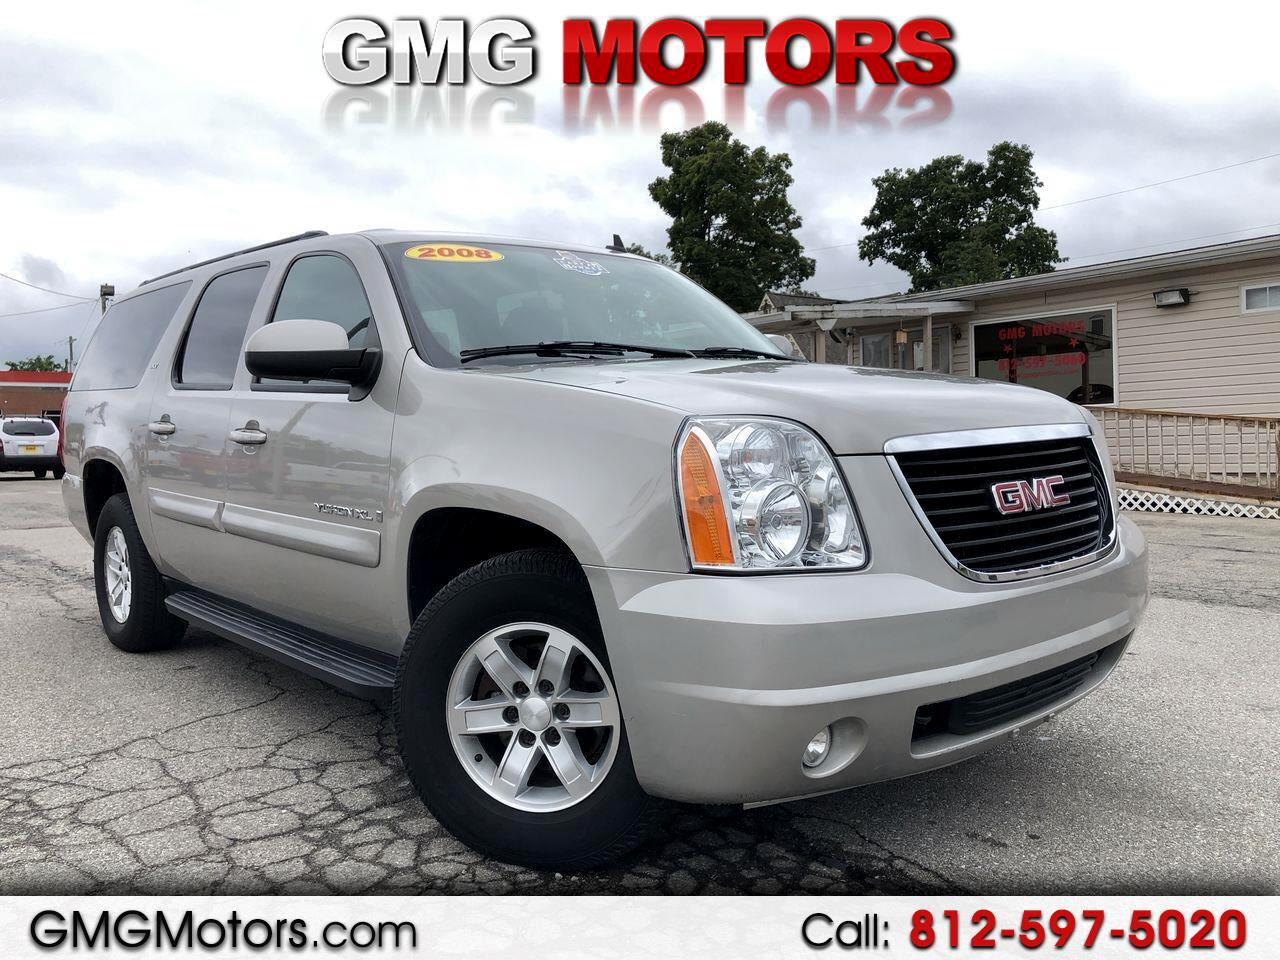 2008 GMC Yukon XL 2WD 4dr 1500 SLT w/4SA